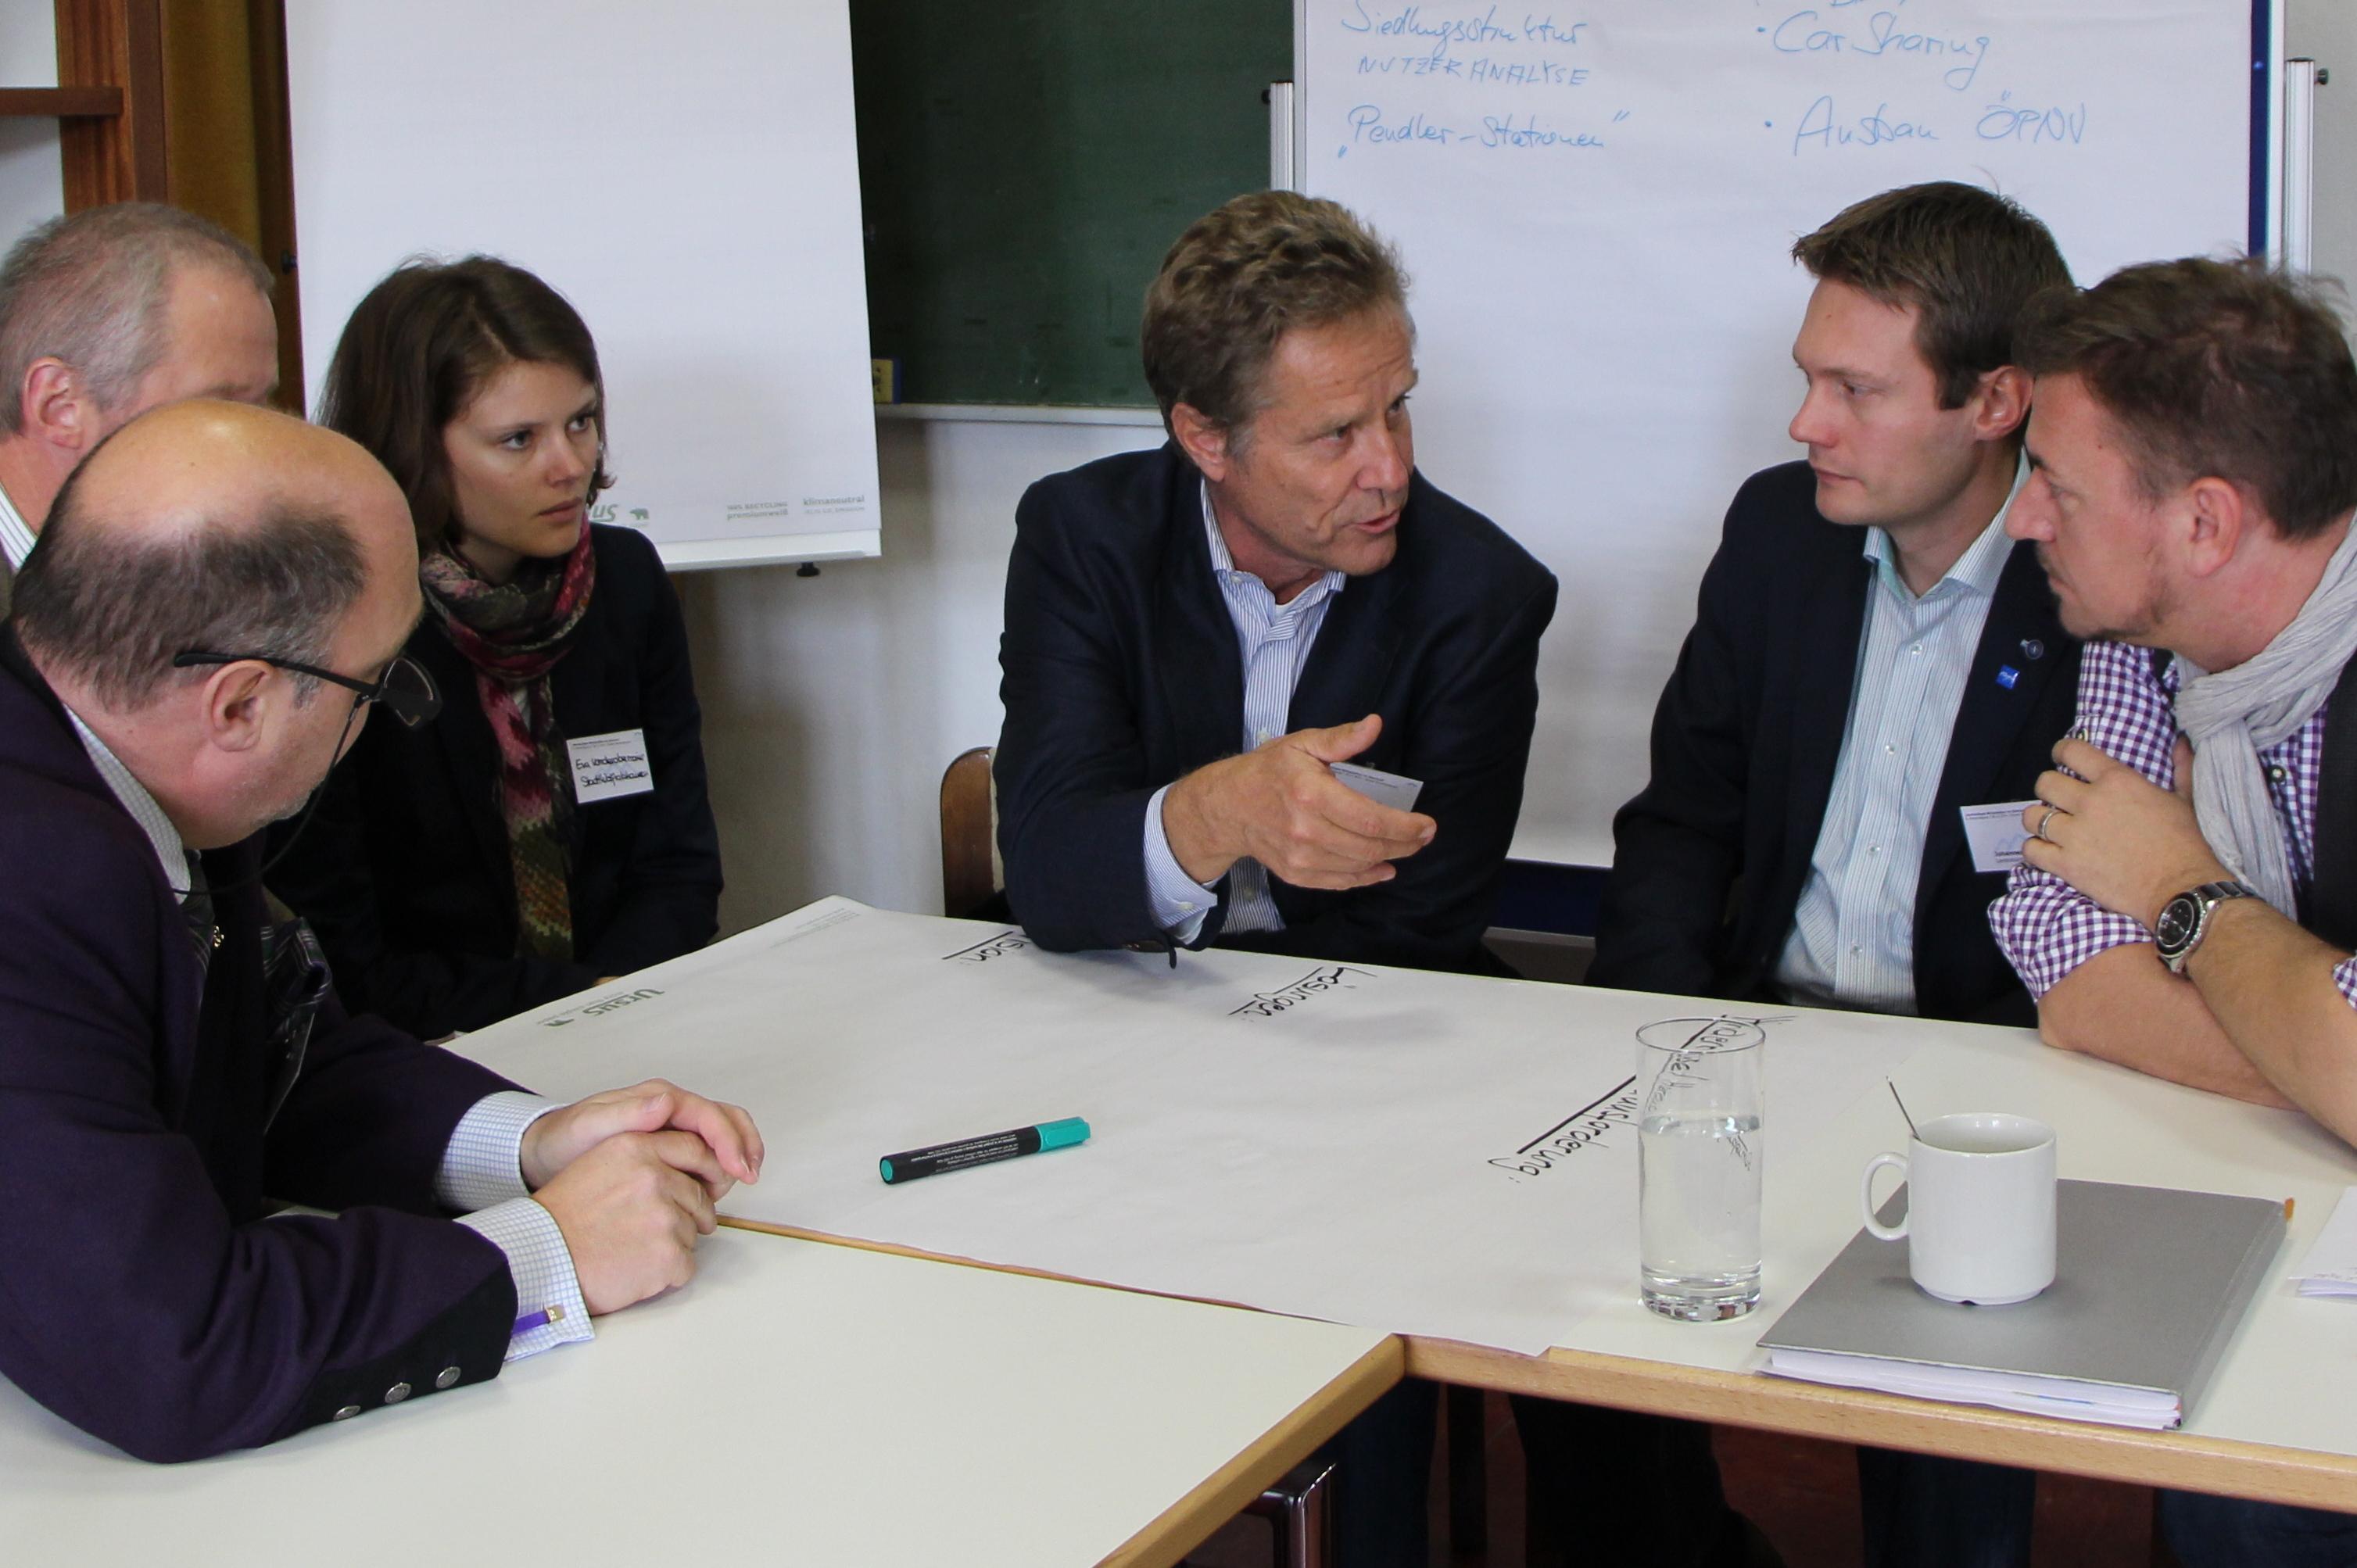 Bild EWO (Archiv) - Nachhaltigkeitsklausur 2014 Benediktbeuern